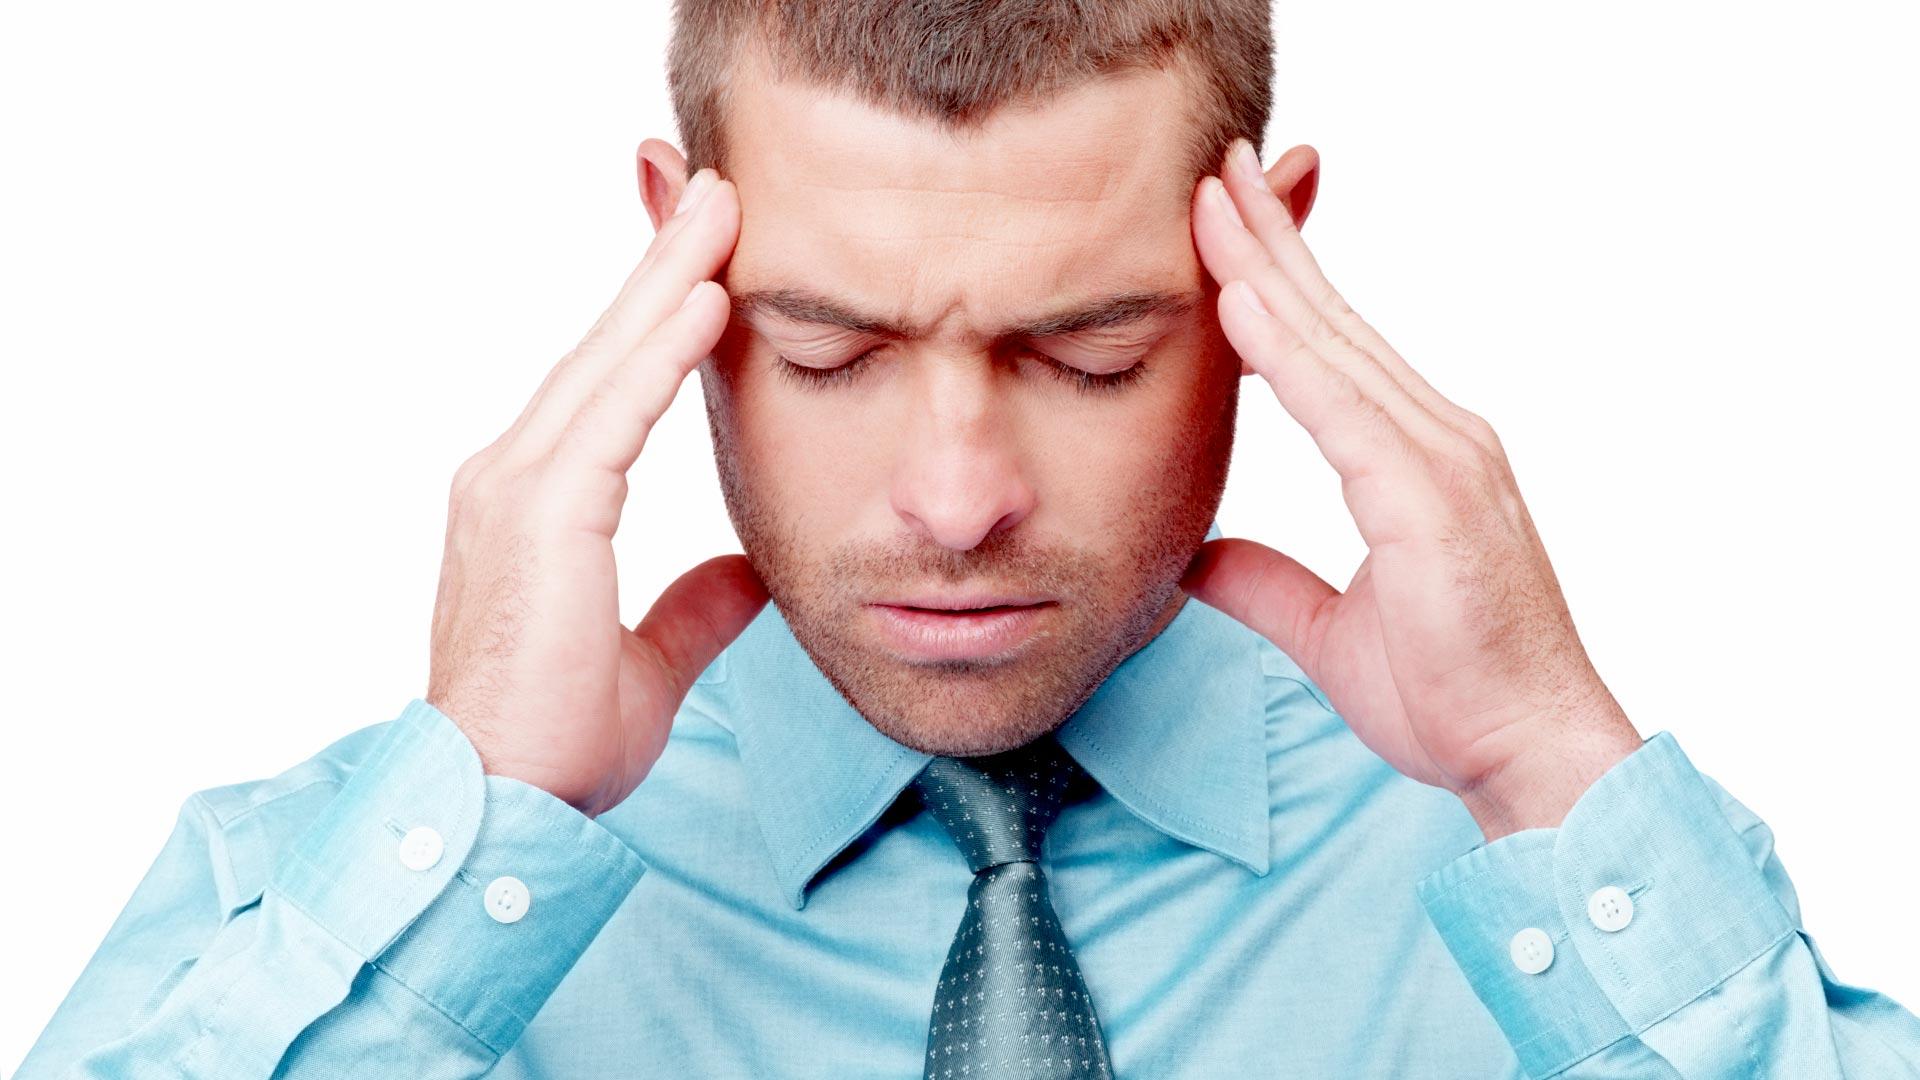 Головная боль - одно из проявлений вегетососудистой дистонии